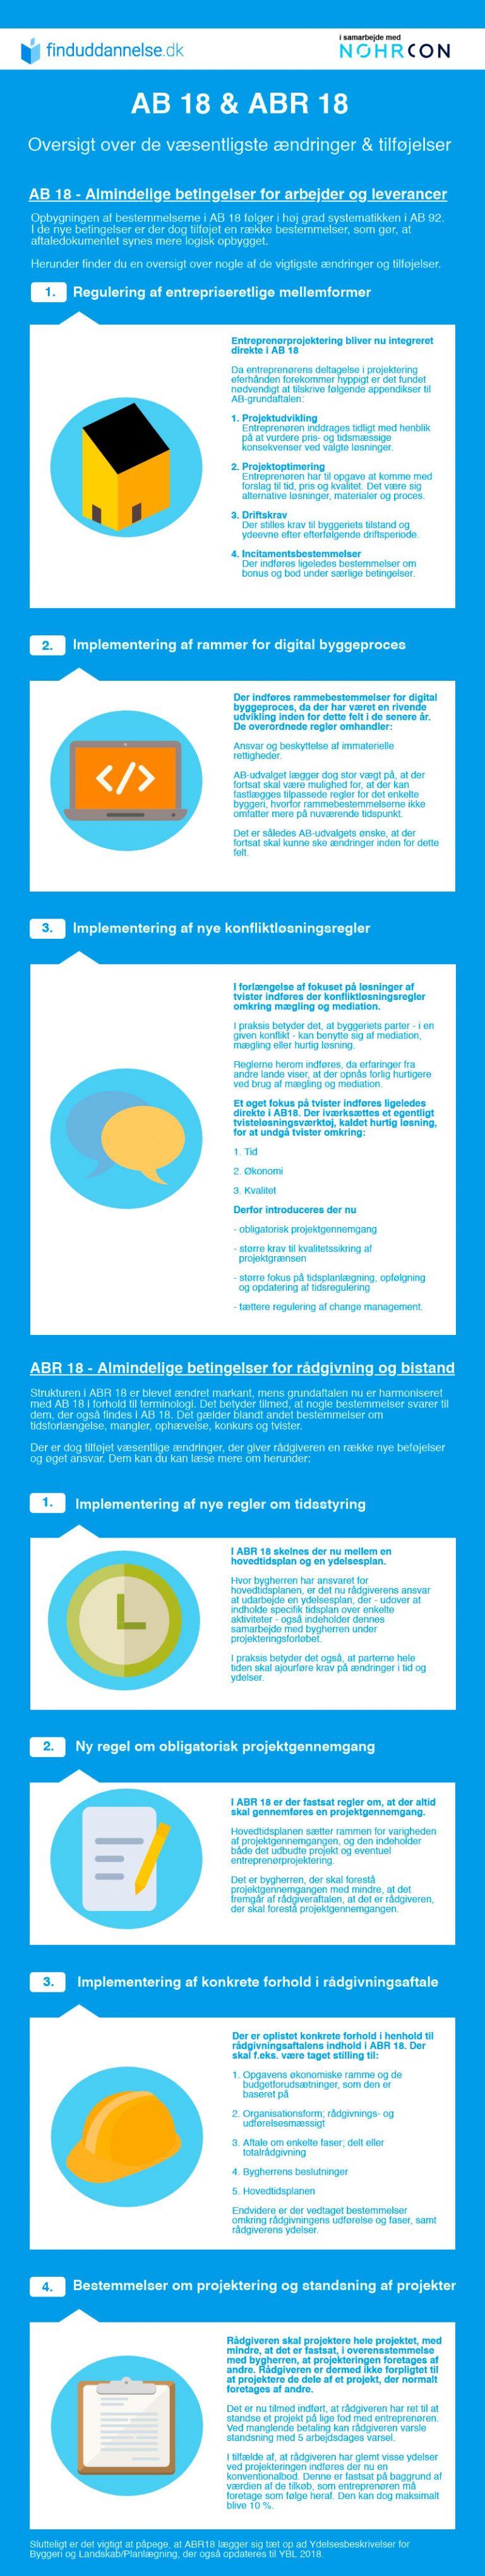 Forstå byggeriets nye aftaledokument AB 18 og ABR 18